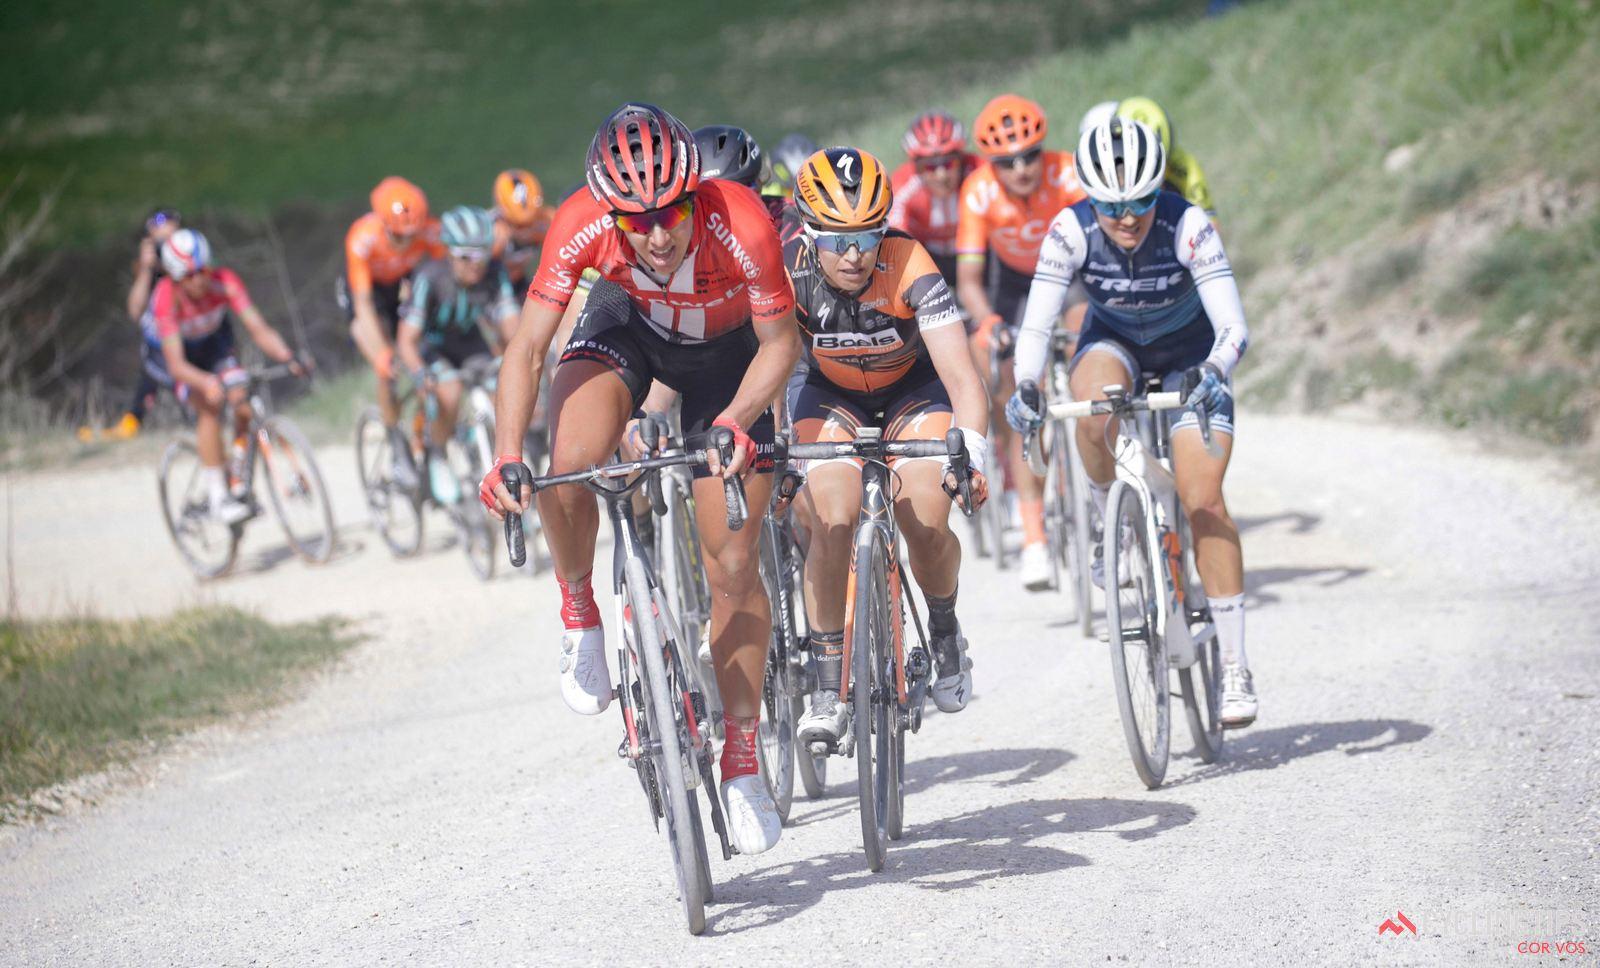 Sterrato para fazer as primeiras diferenças no Giro  Rosa!